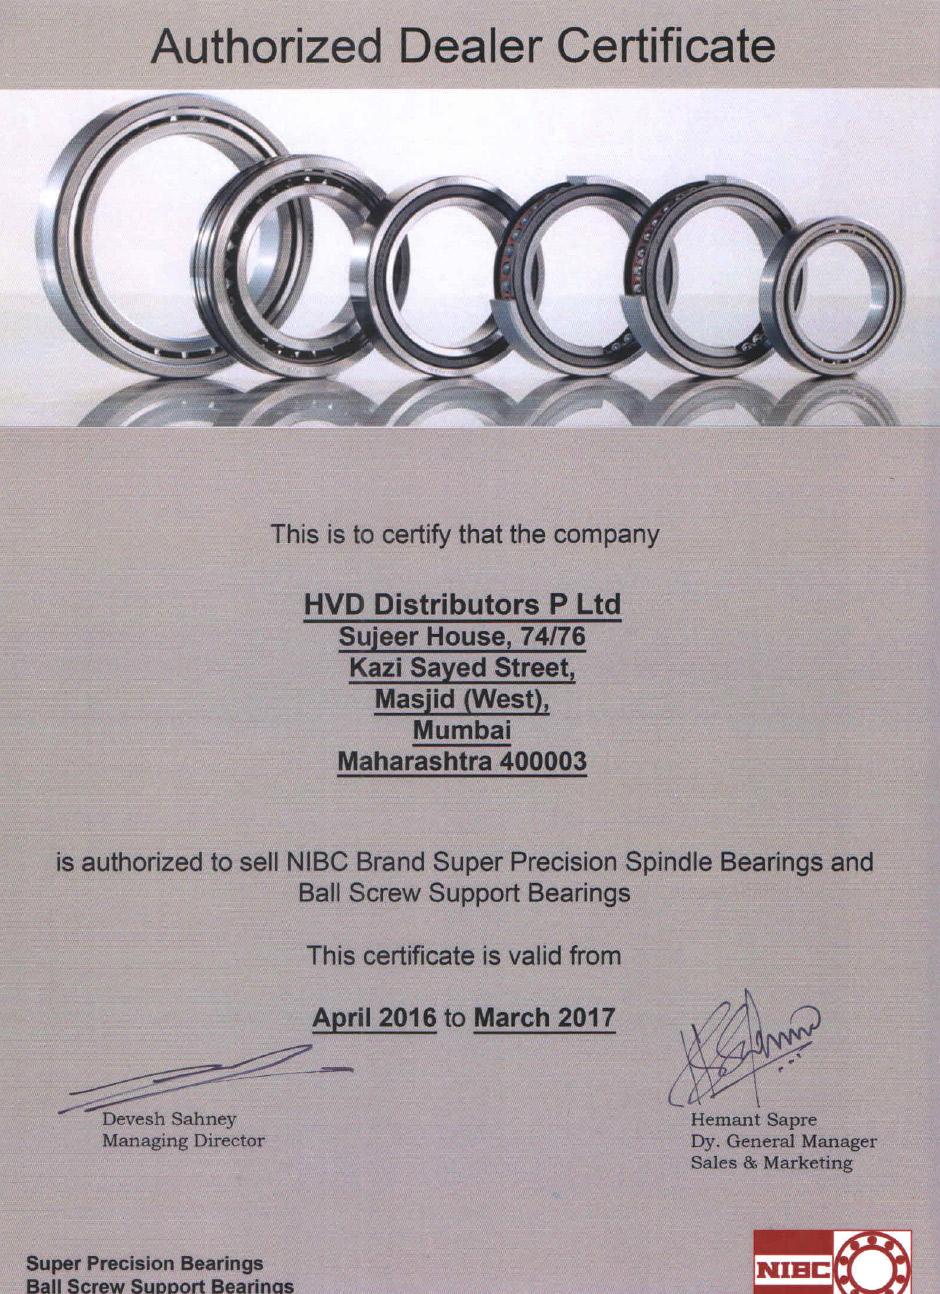 Certificate-002-big